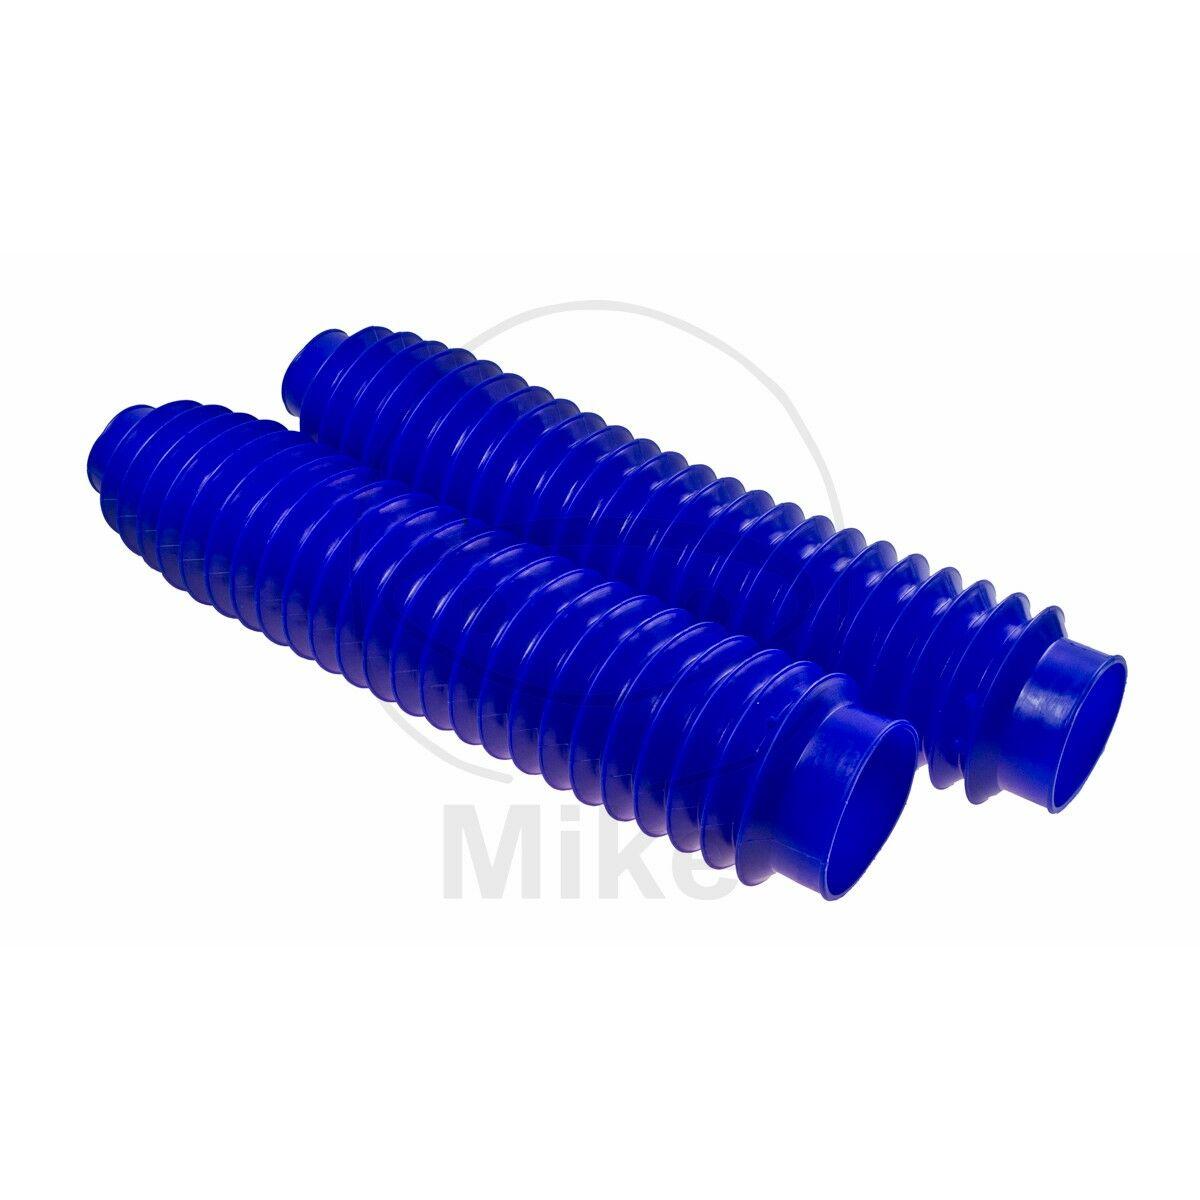 Obrázek produktu Sada krytů přední vidlice ARIETE professional 350 X 40 modrá 09932-A